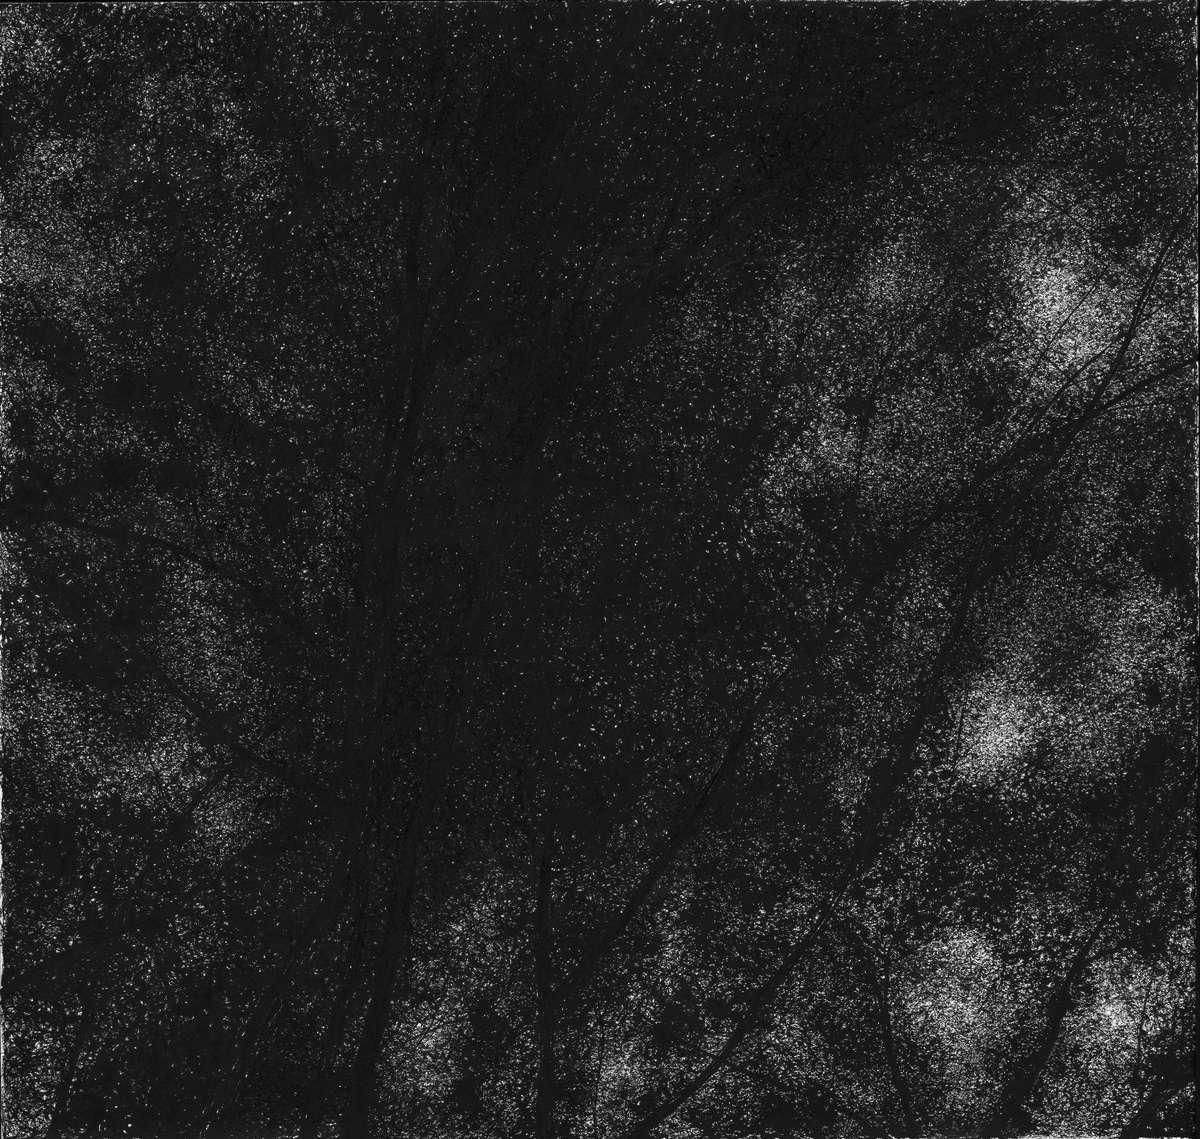 Tina Konec, Dark III